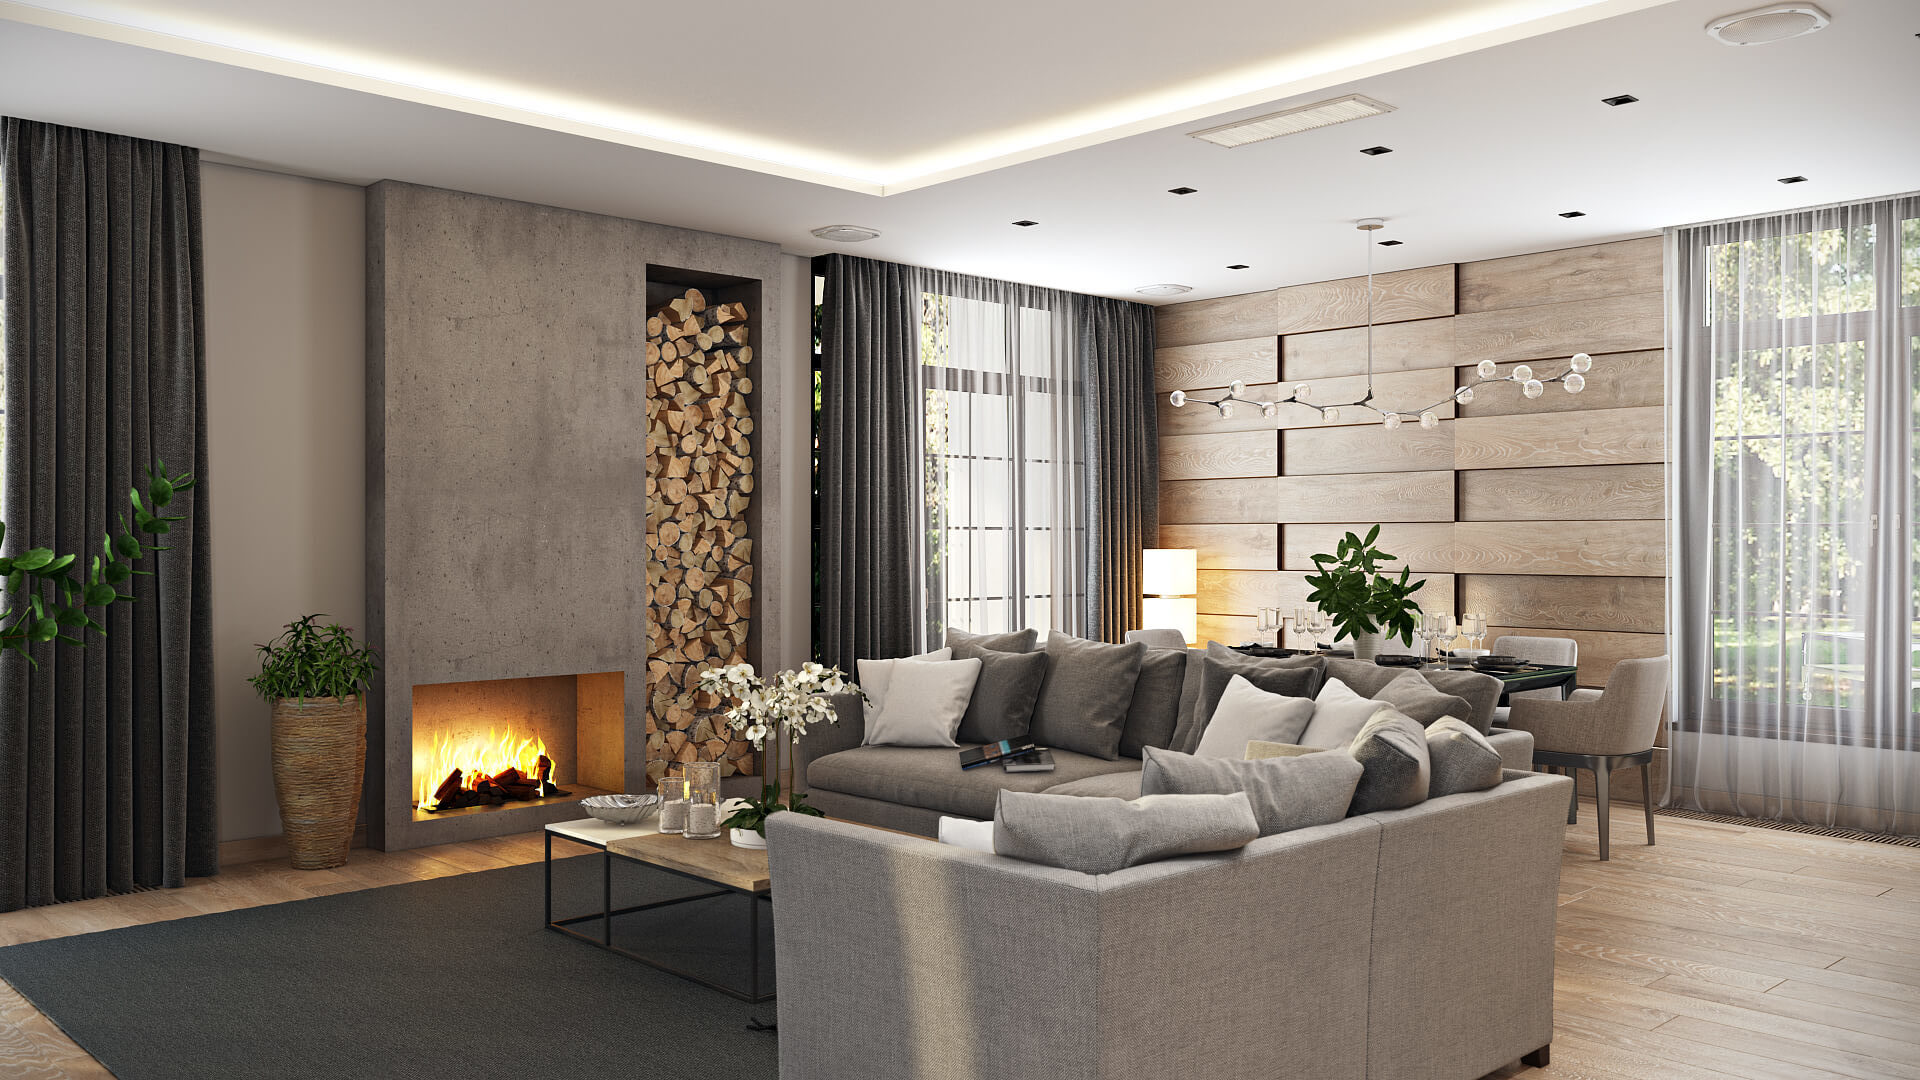 Уютный и изысканный дизайн дома Вид 02